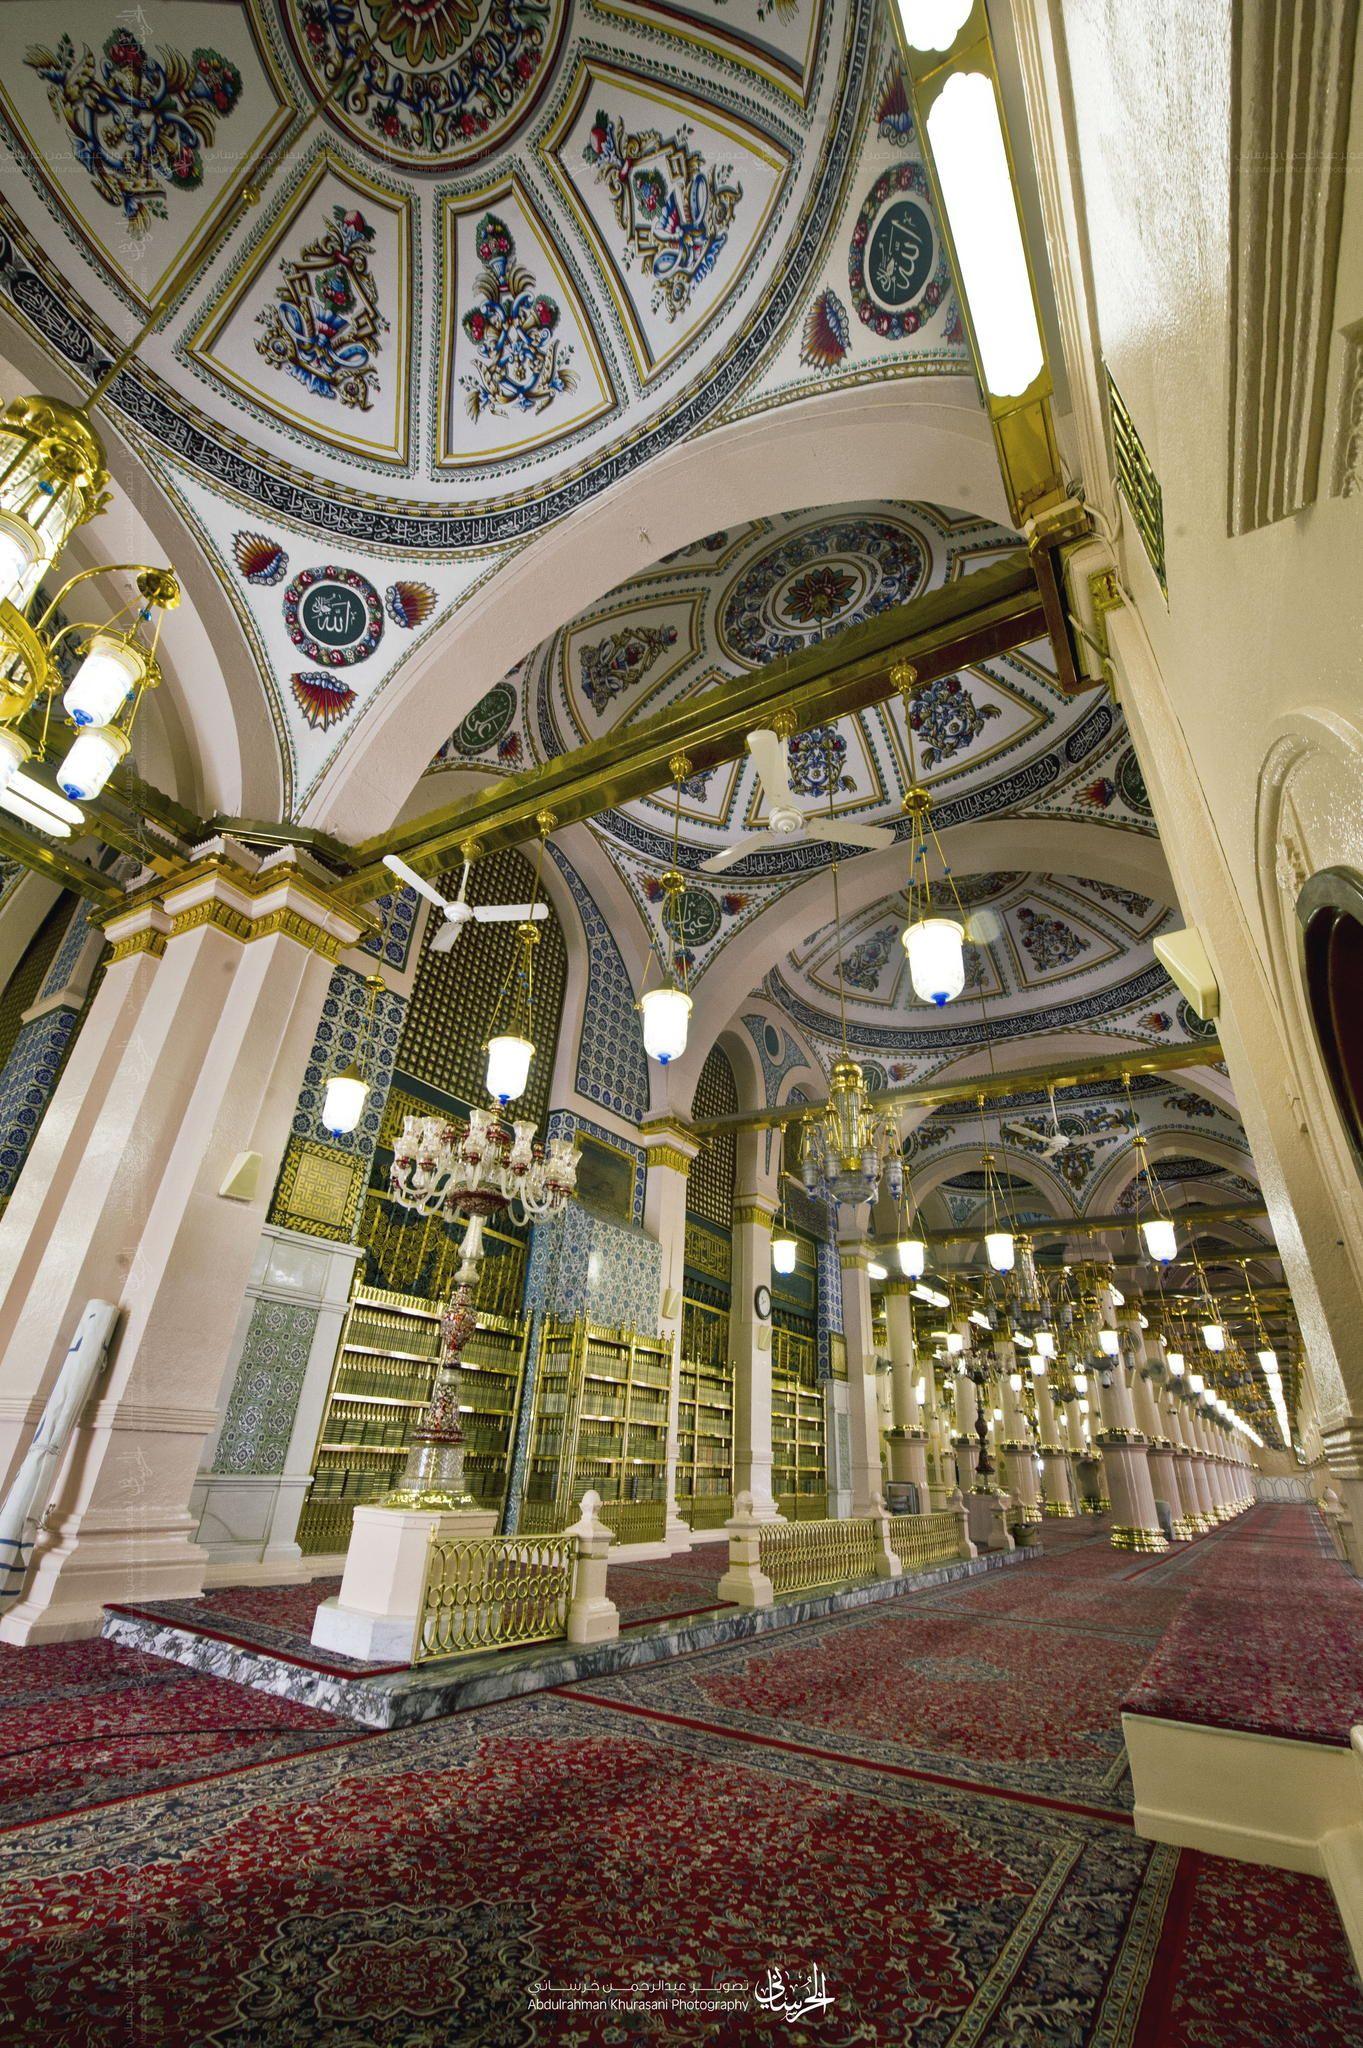 دكة التهجد بالمسجد النبوي الشريف المسجد النبوي الشريف المدينة المنورة Eiffel Tower Inside Islamic Architecture Eiffel Tower